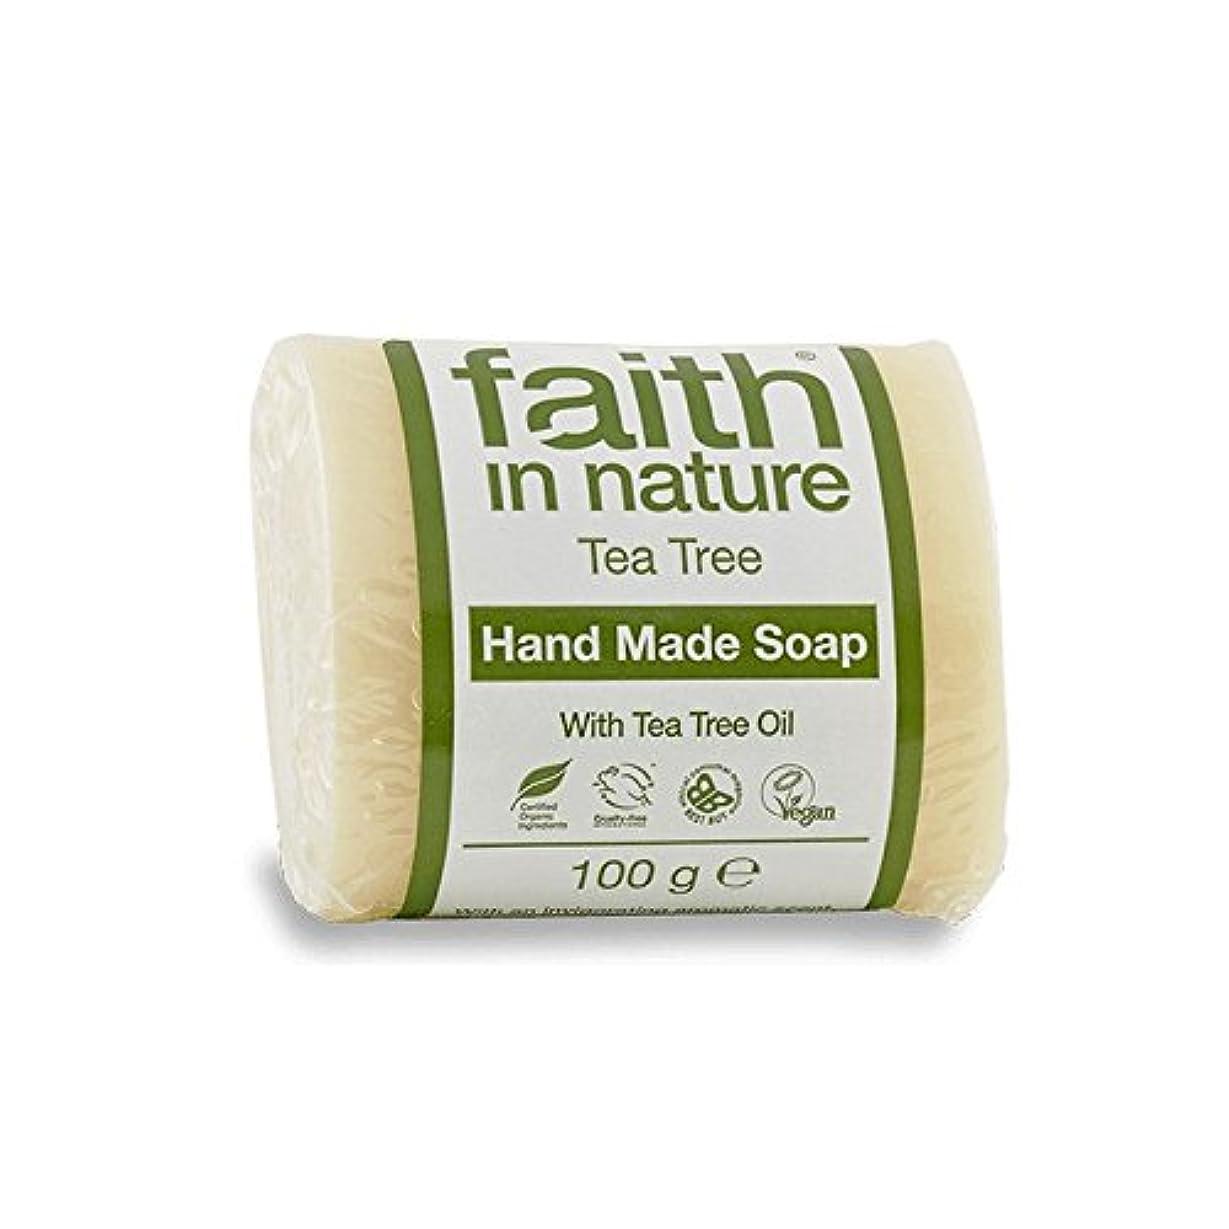 モッキンバードサイドボード実験自然のティーツリーソープ100グラムの信仰 - Faith in Nature Tea Tree Soap 100g (Faith in Nature) [並行輸入品]